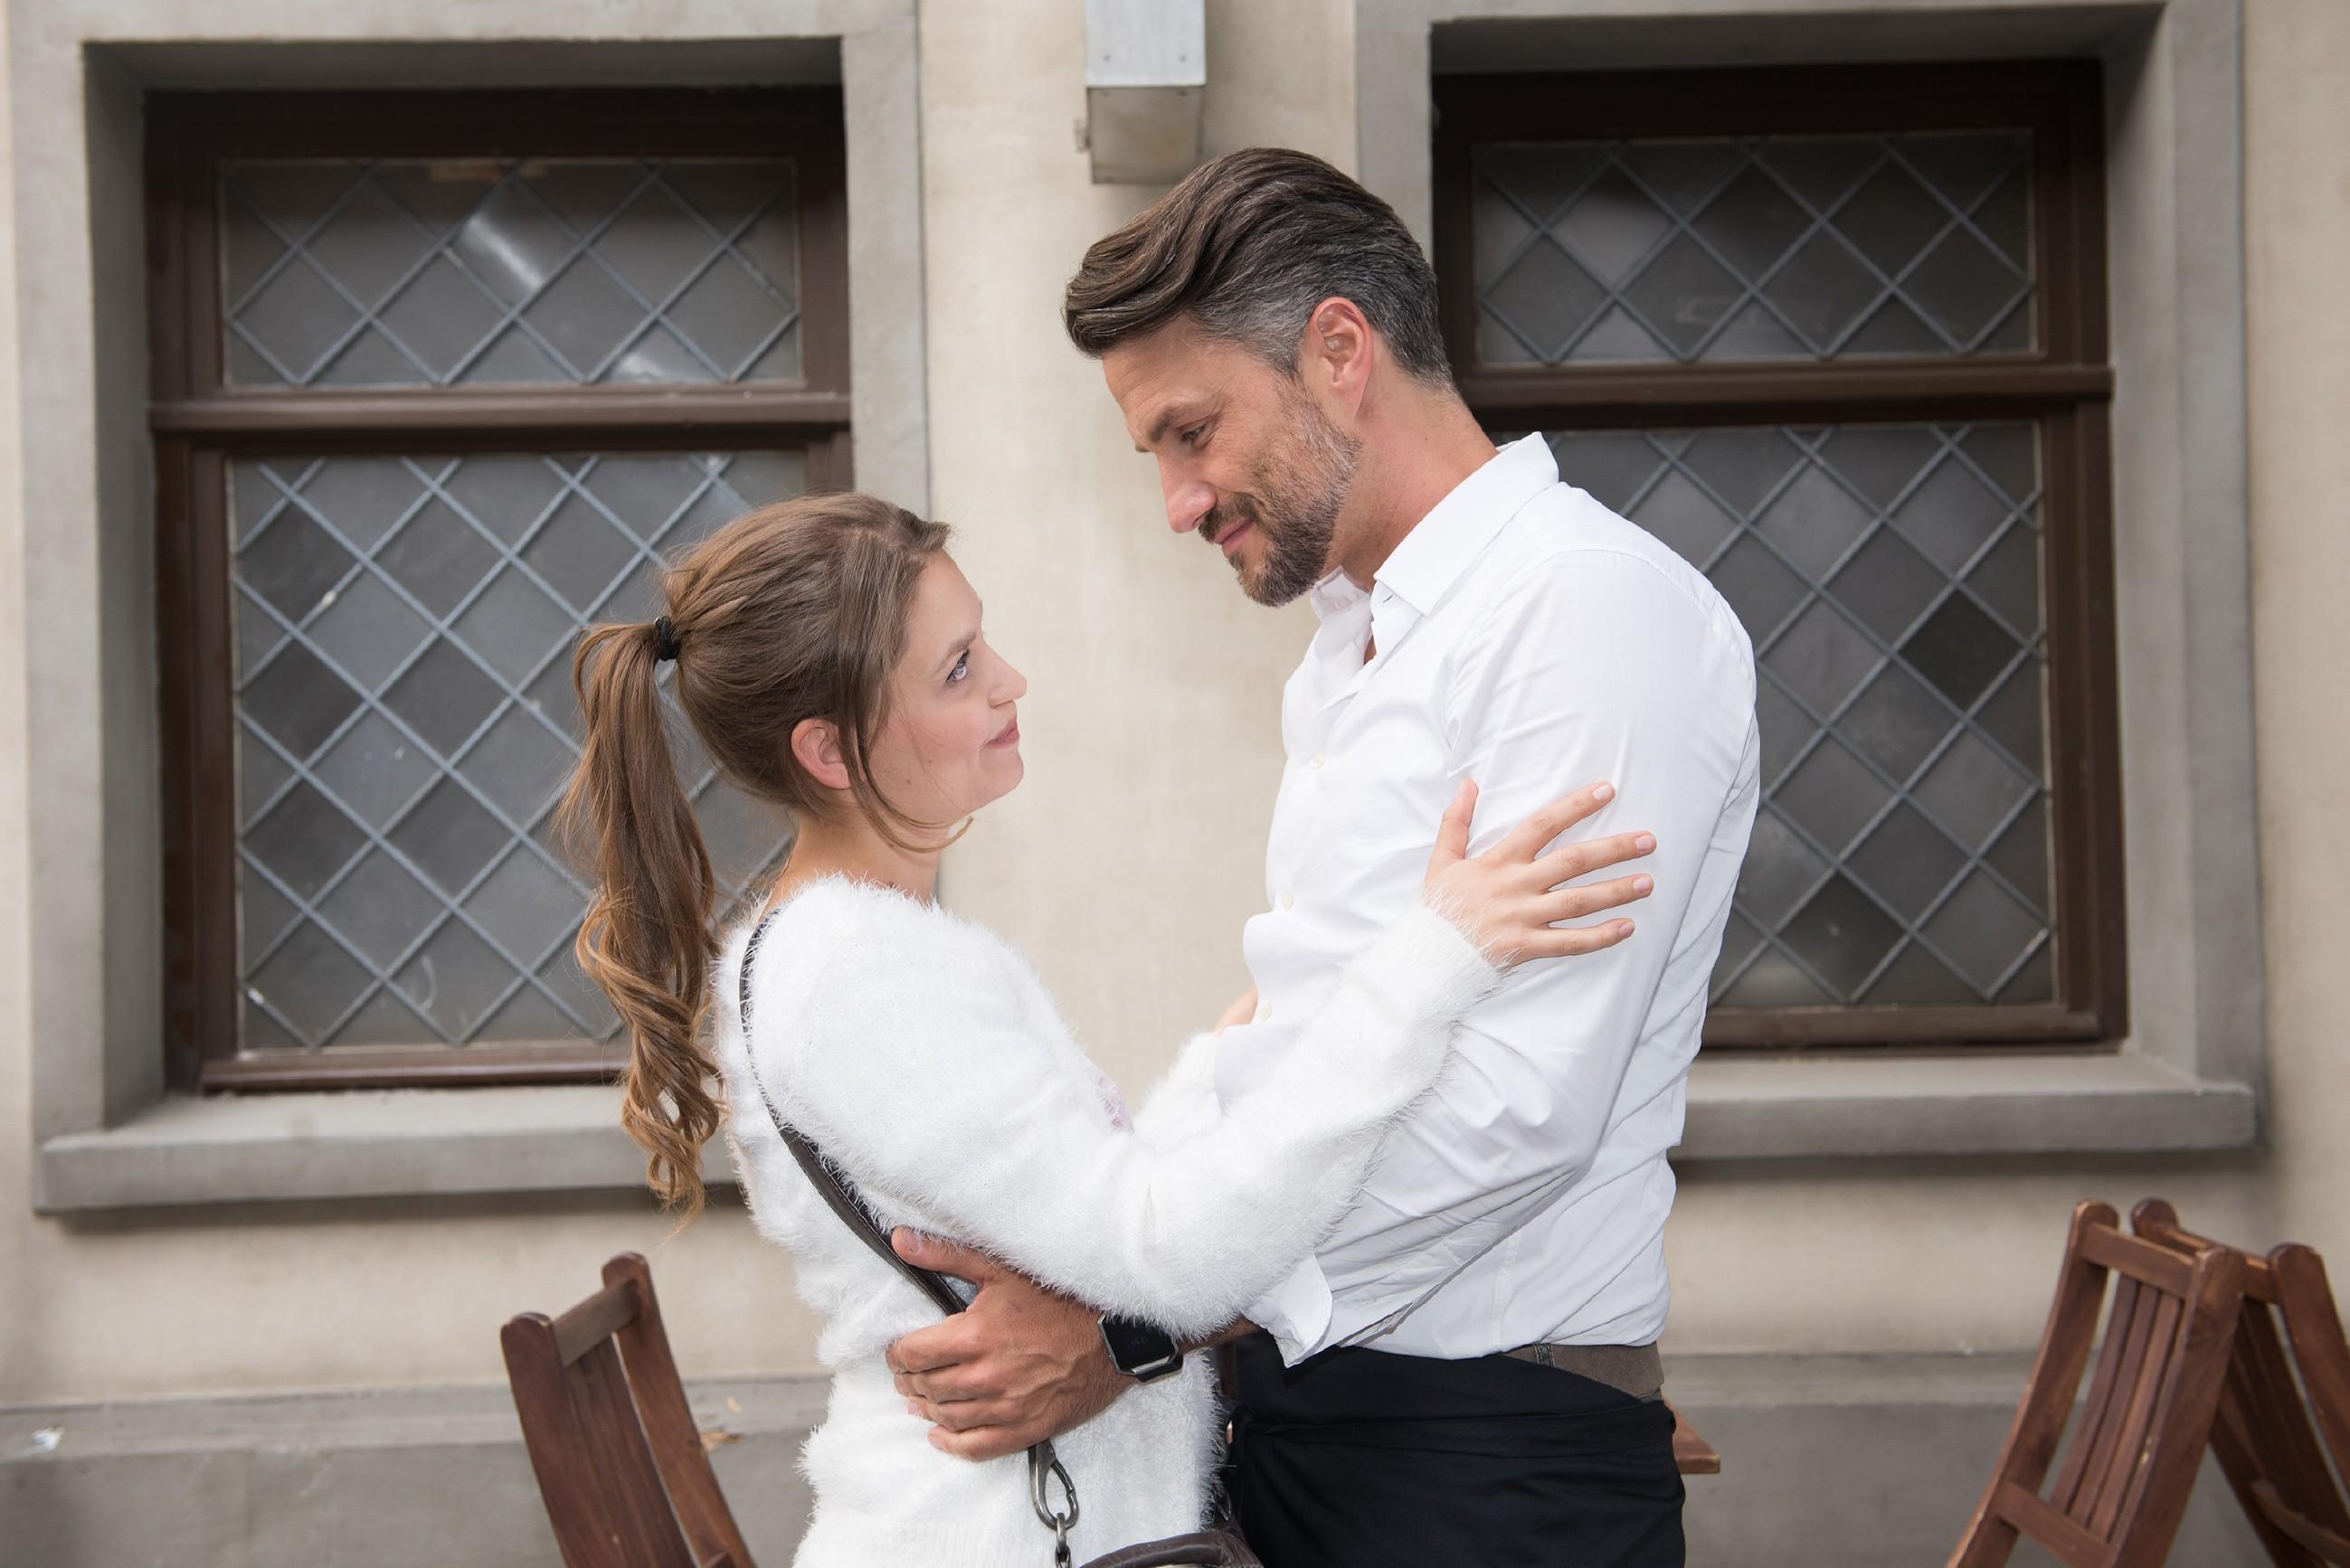 Jule (Amrei Haardt) ist erleichtert, dass sich ihr Verhältnis zu Malte (Stefan Bockelmann) nach Caros Fremdgehen nicht verändert hat.